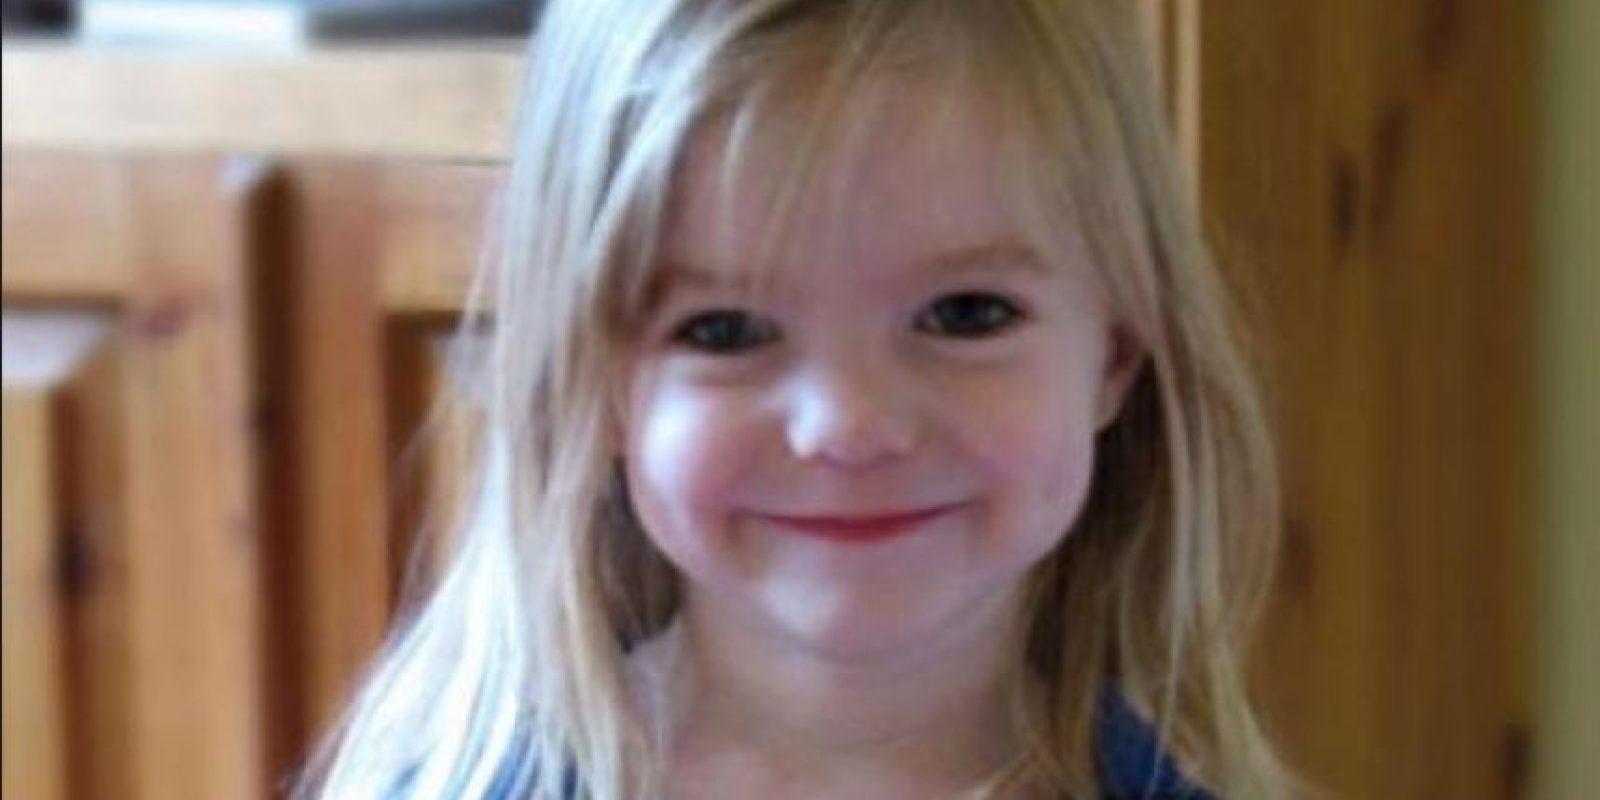 El caso de Madeleine McCann Foto:Flickr.com